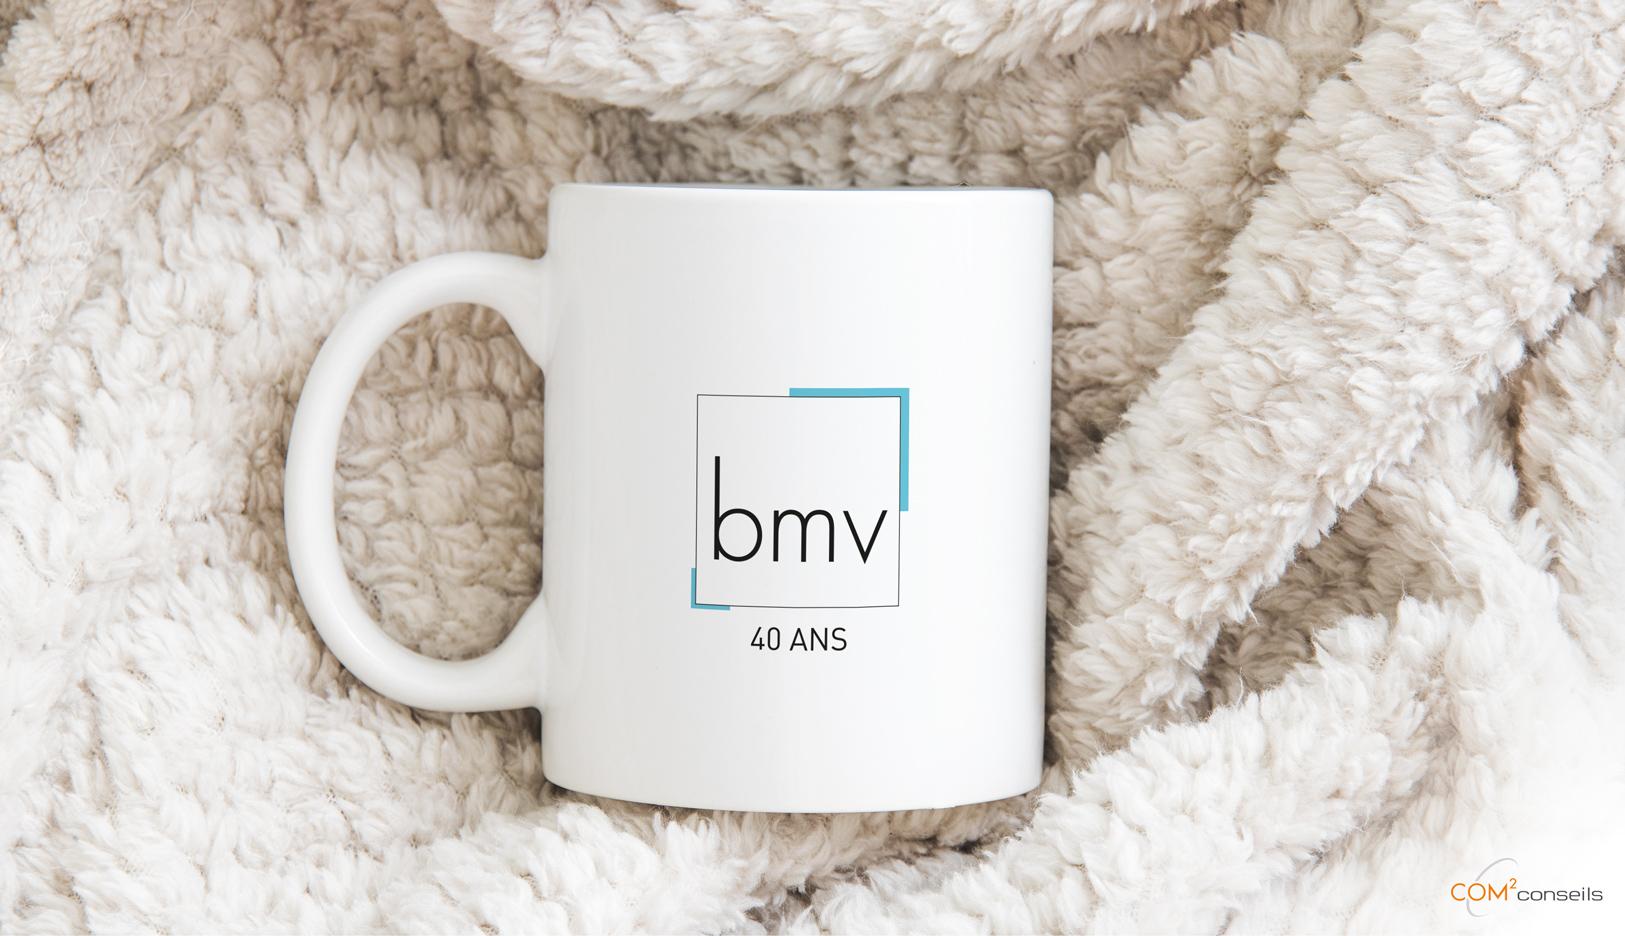 bmv-mug